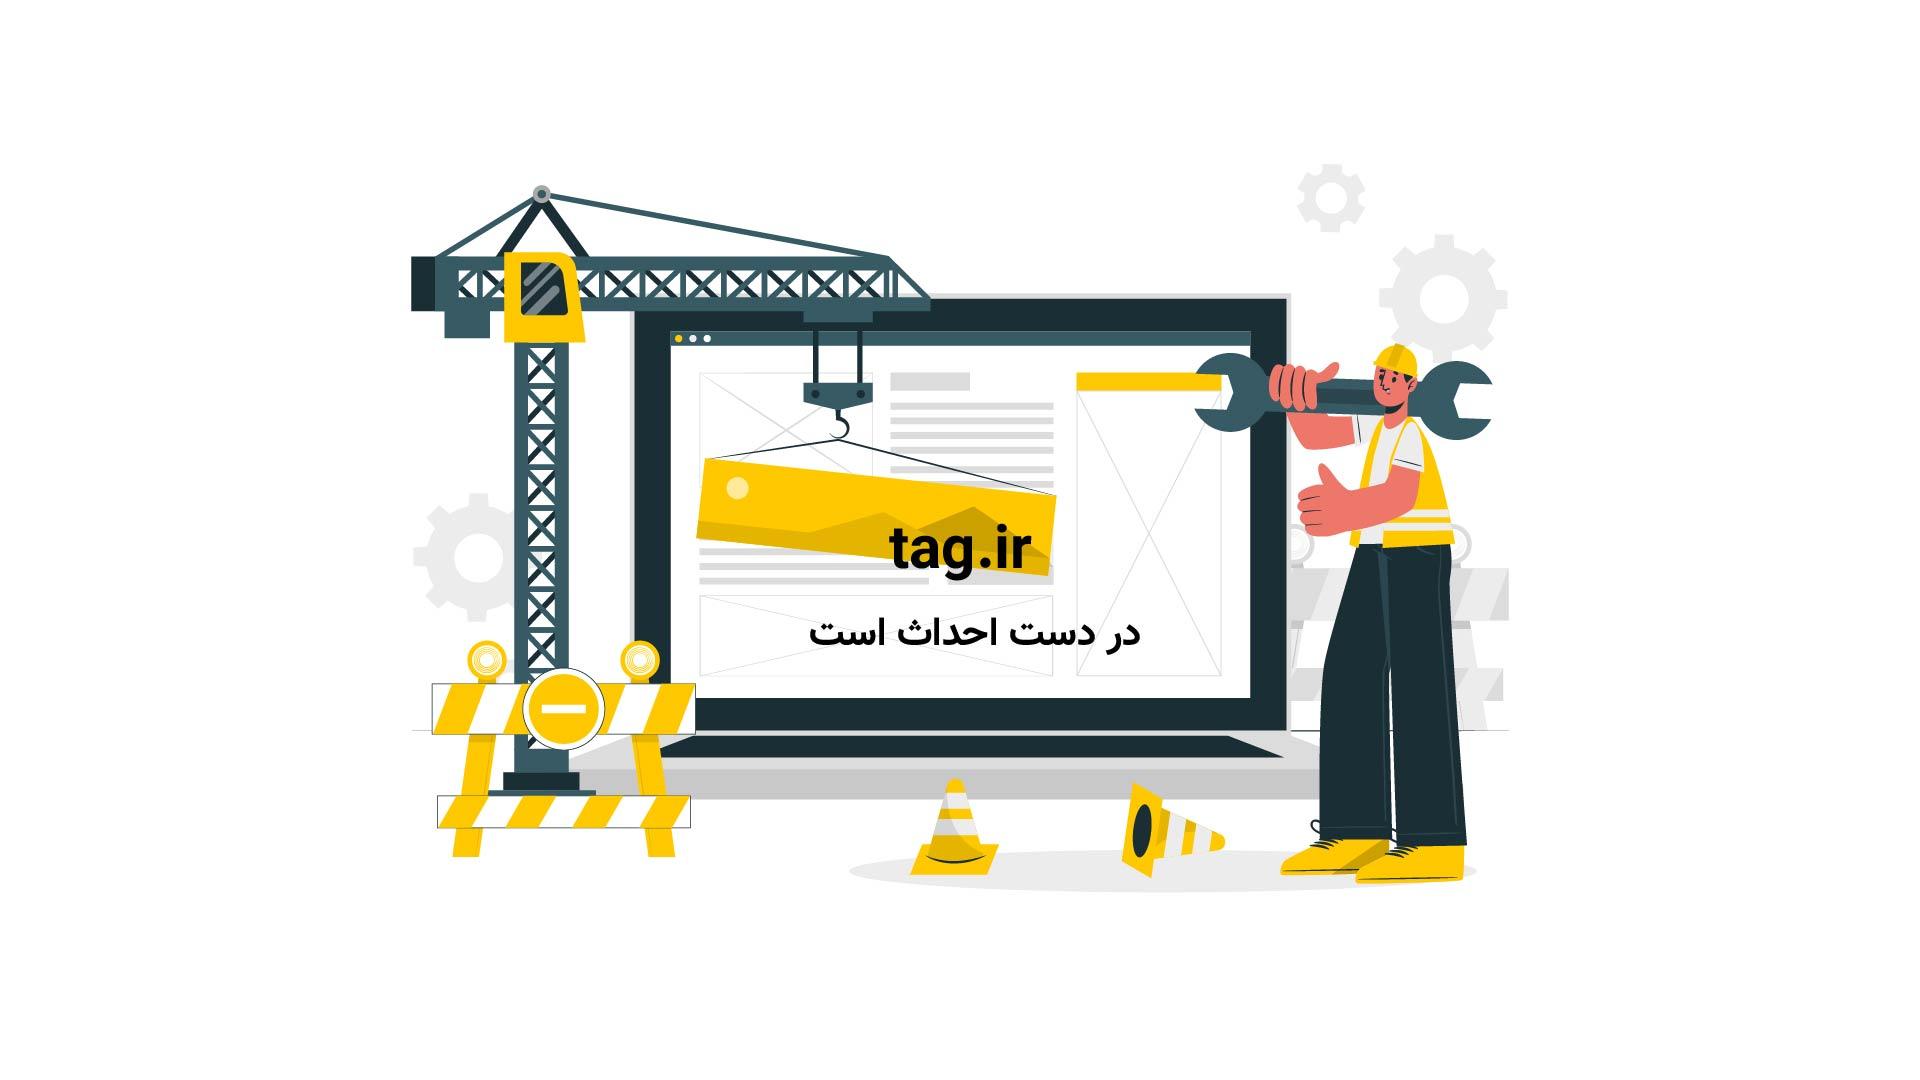 خوابیدن گربه | تگ